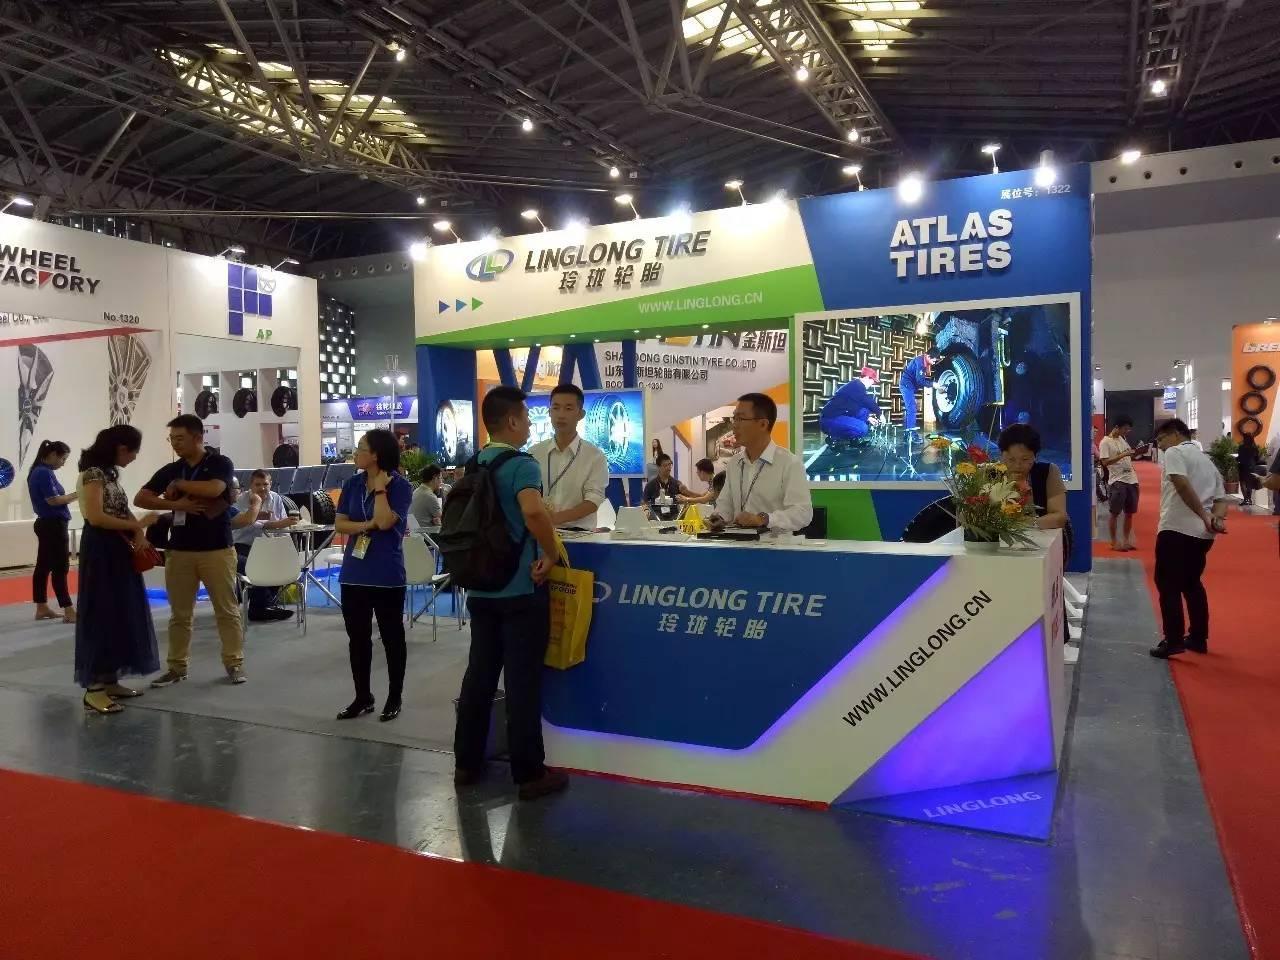 Linglong представила на CITExpo Shanghai 2017 новую UHP-шину Atlas AM520 RFT